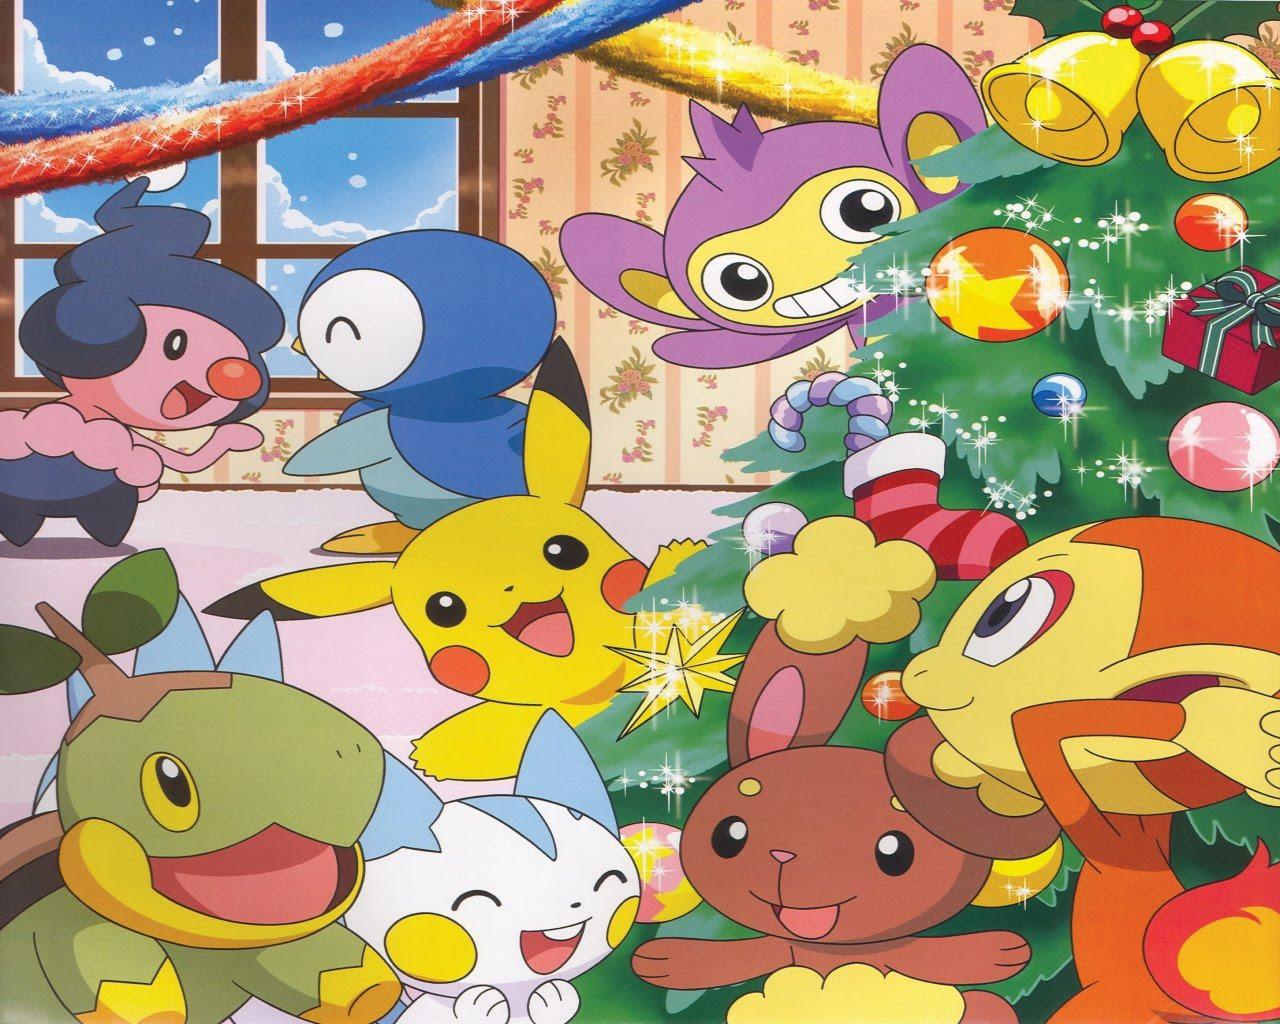 http://2.bp.blogspot.com/-_jKjTkx8FEQ/TVfTE_URT5I/AAAAAAAAAuU/Fb6IUL_Ky6s/s1600/PokemonWallpaper149.jpg